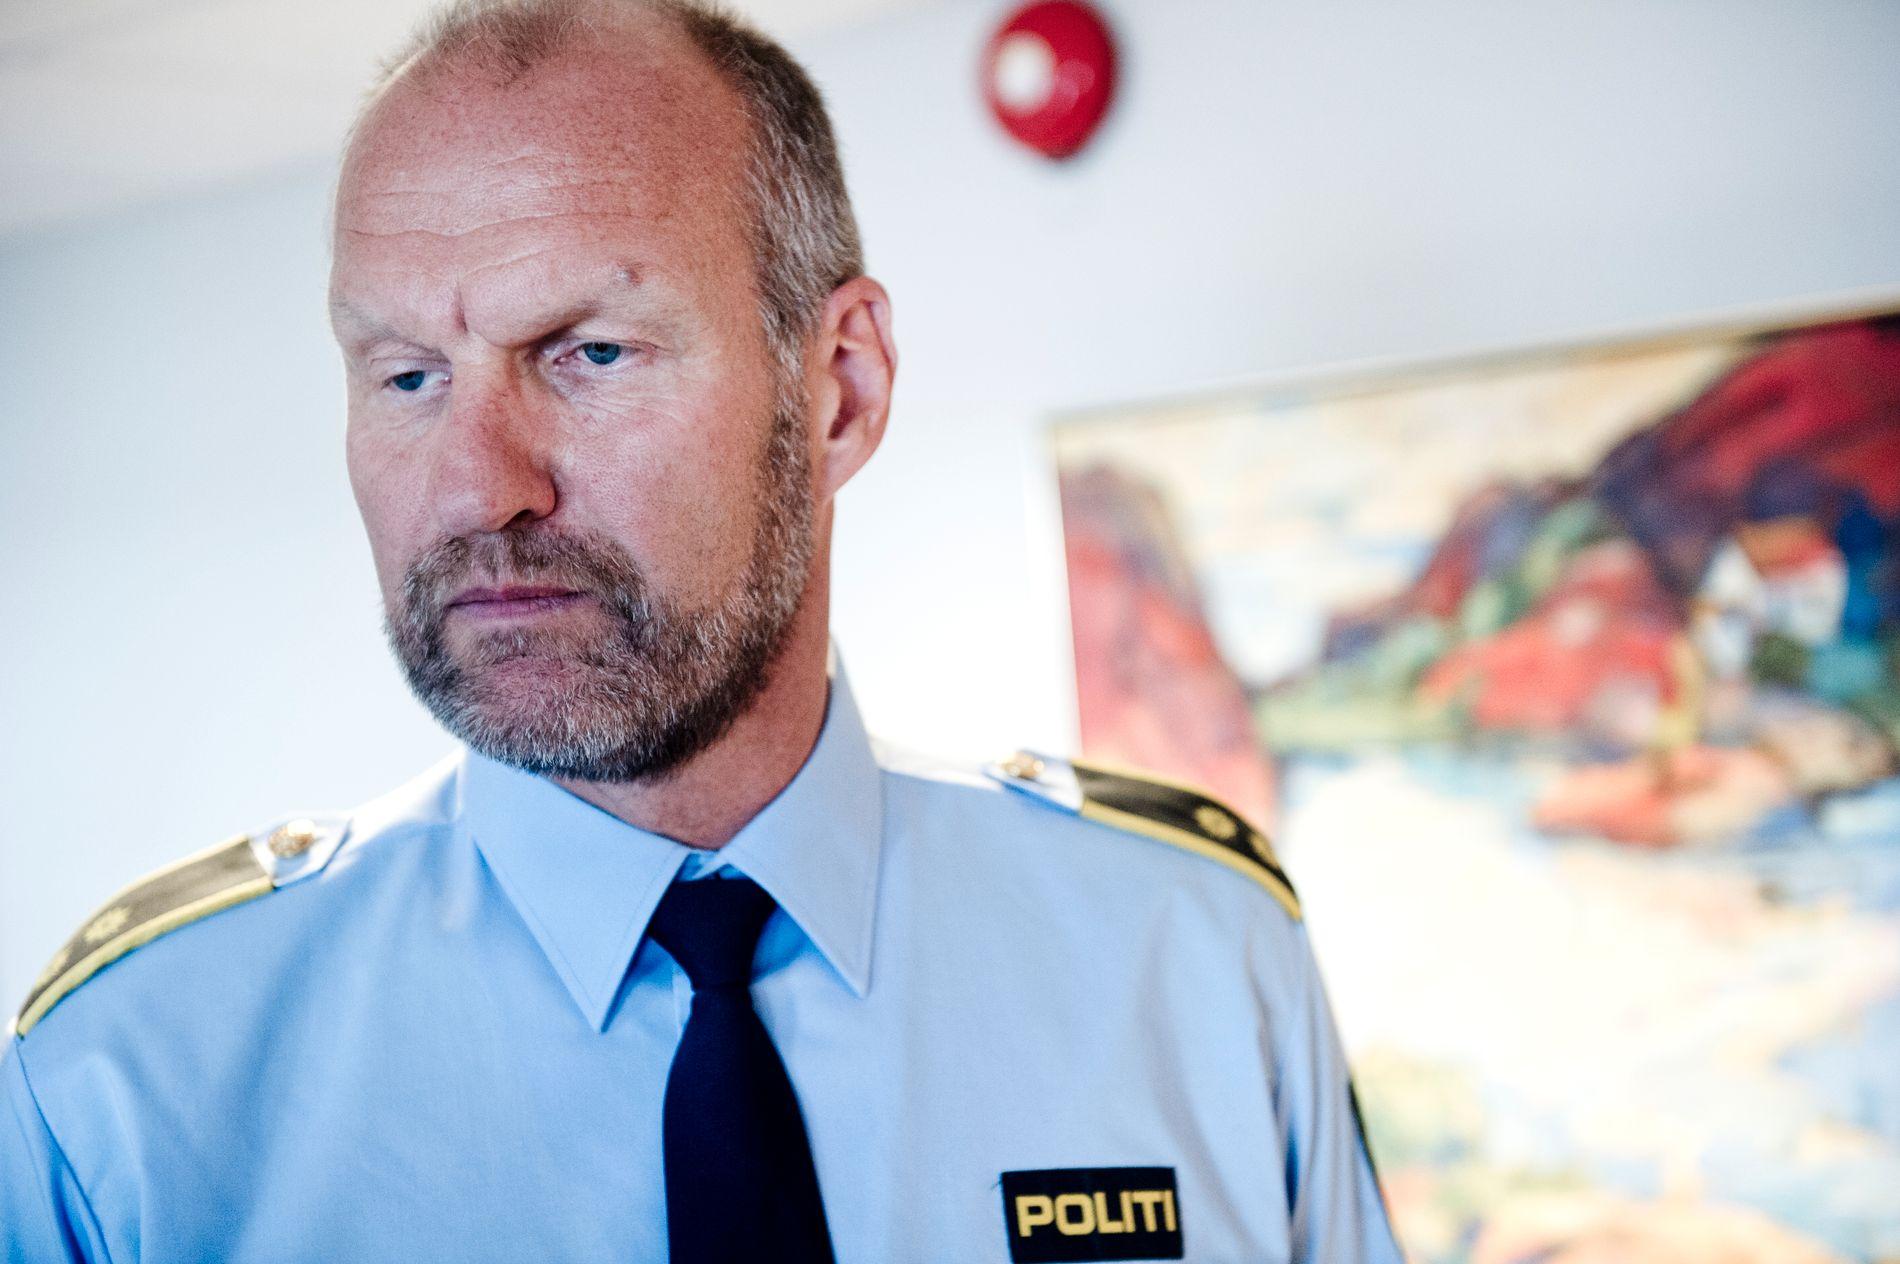 KJENNING: Krimsjef ved Larvik politistasjon forteller til Østlandsposten at den eldre kvinnen er en kjenning av politiet gjennom mange år, og at hun har opparbeidet seg et solid rulleblad.